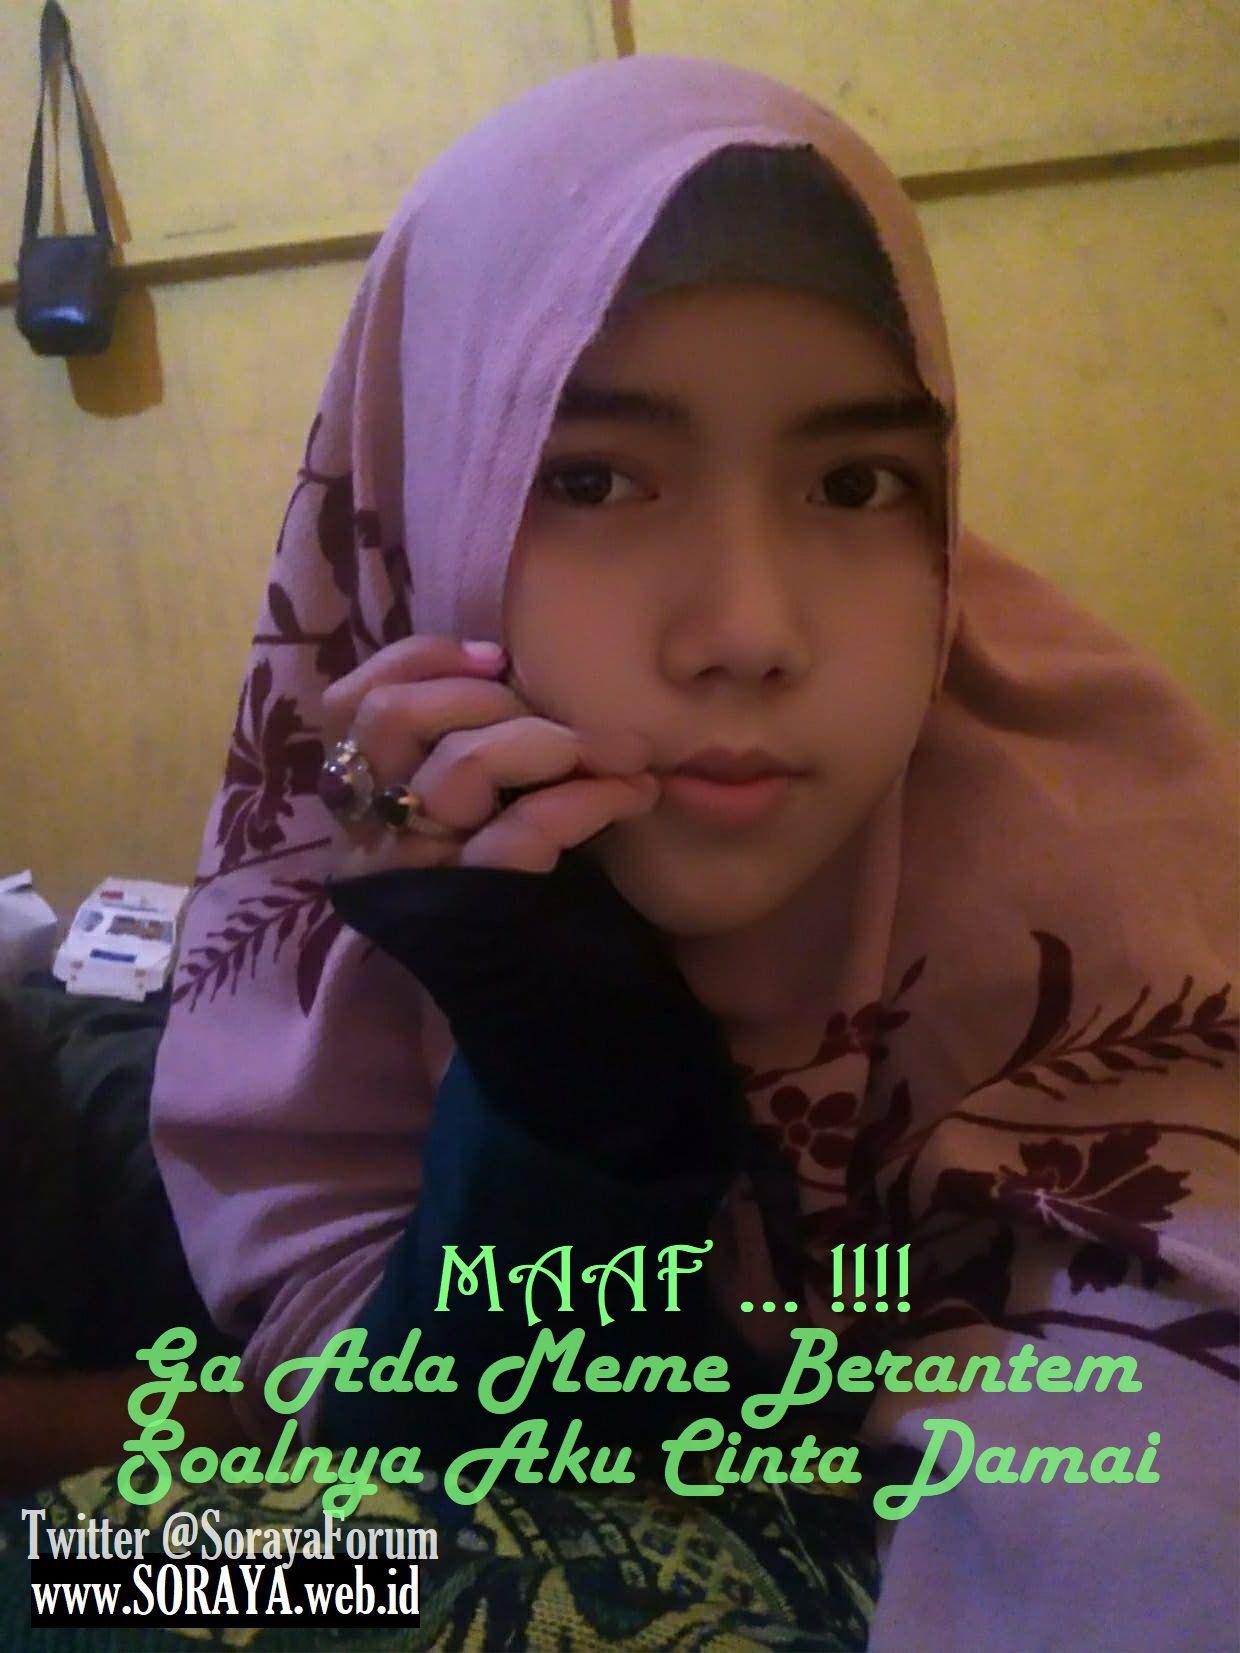 https://1.bp.blogspot.com/-Ms2p0IbELr0/X_rFqglm-bI/AAAAAAAAHw8/EF_RKhLp1cgsZdDxwBIyhbpCoF1m92r7QCLcBGAsYHQ/s16000/foto-selfie-soraya-curhat-meme-gadis-desa-berjilbab.jpg